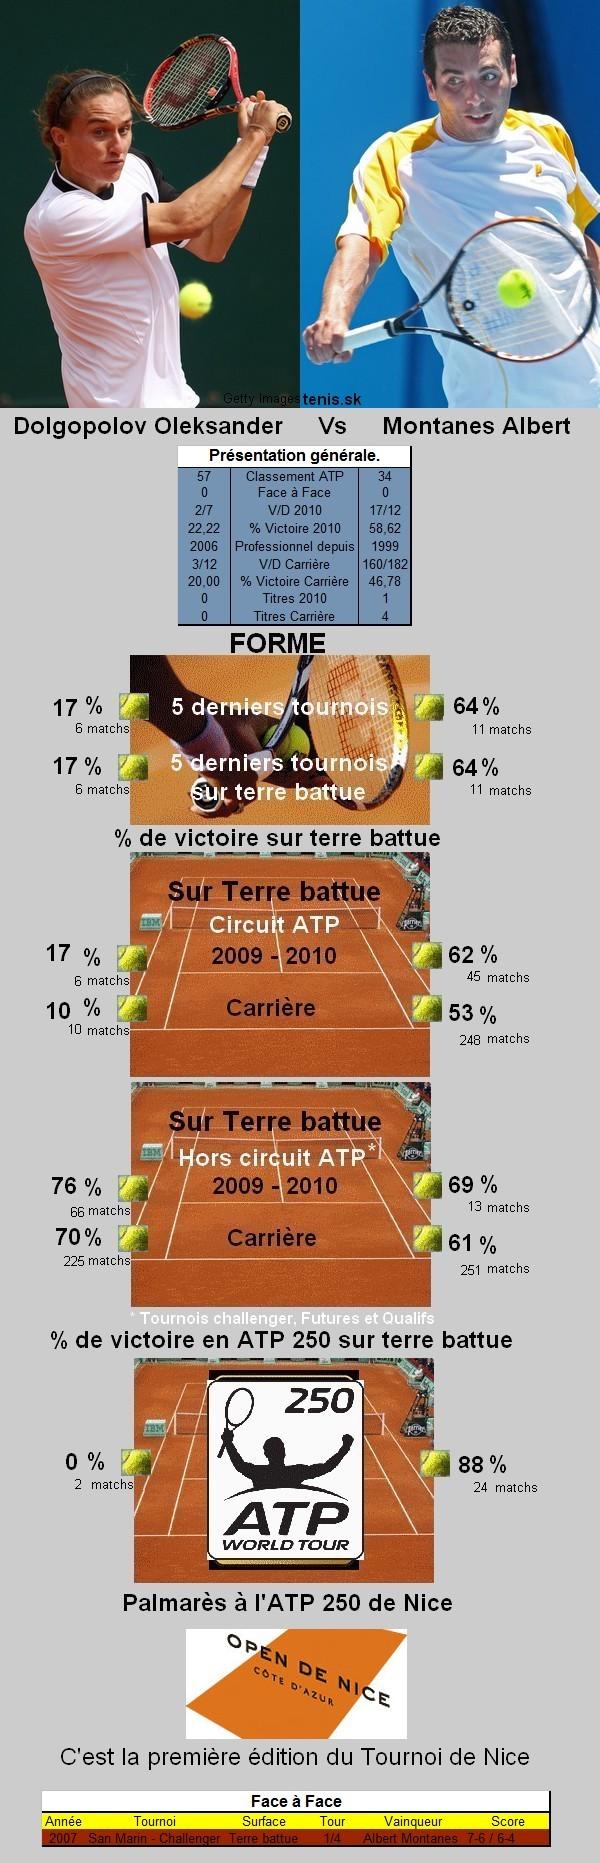 Statistiques tennis de Dolgopolov contre Montanes à Nice